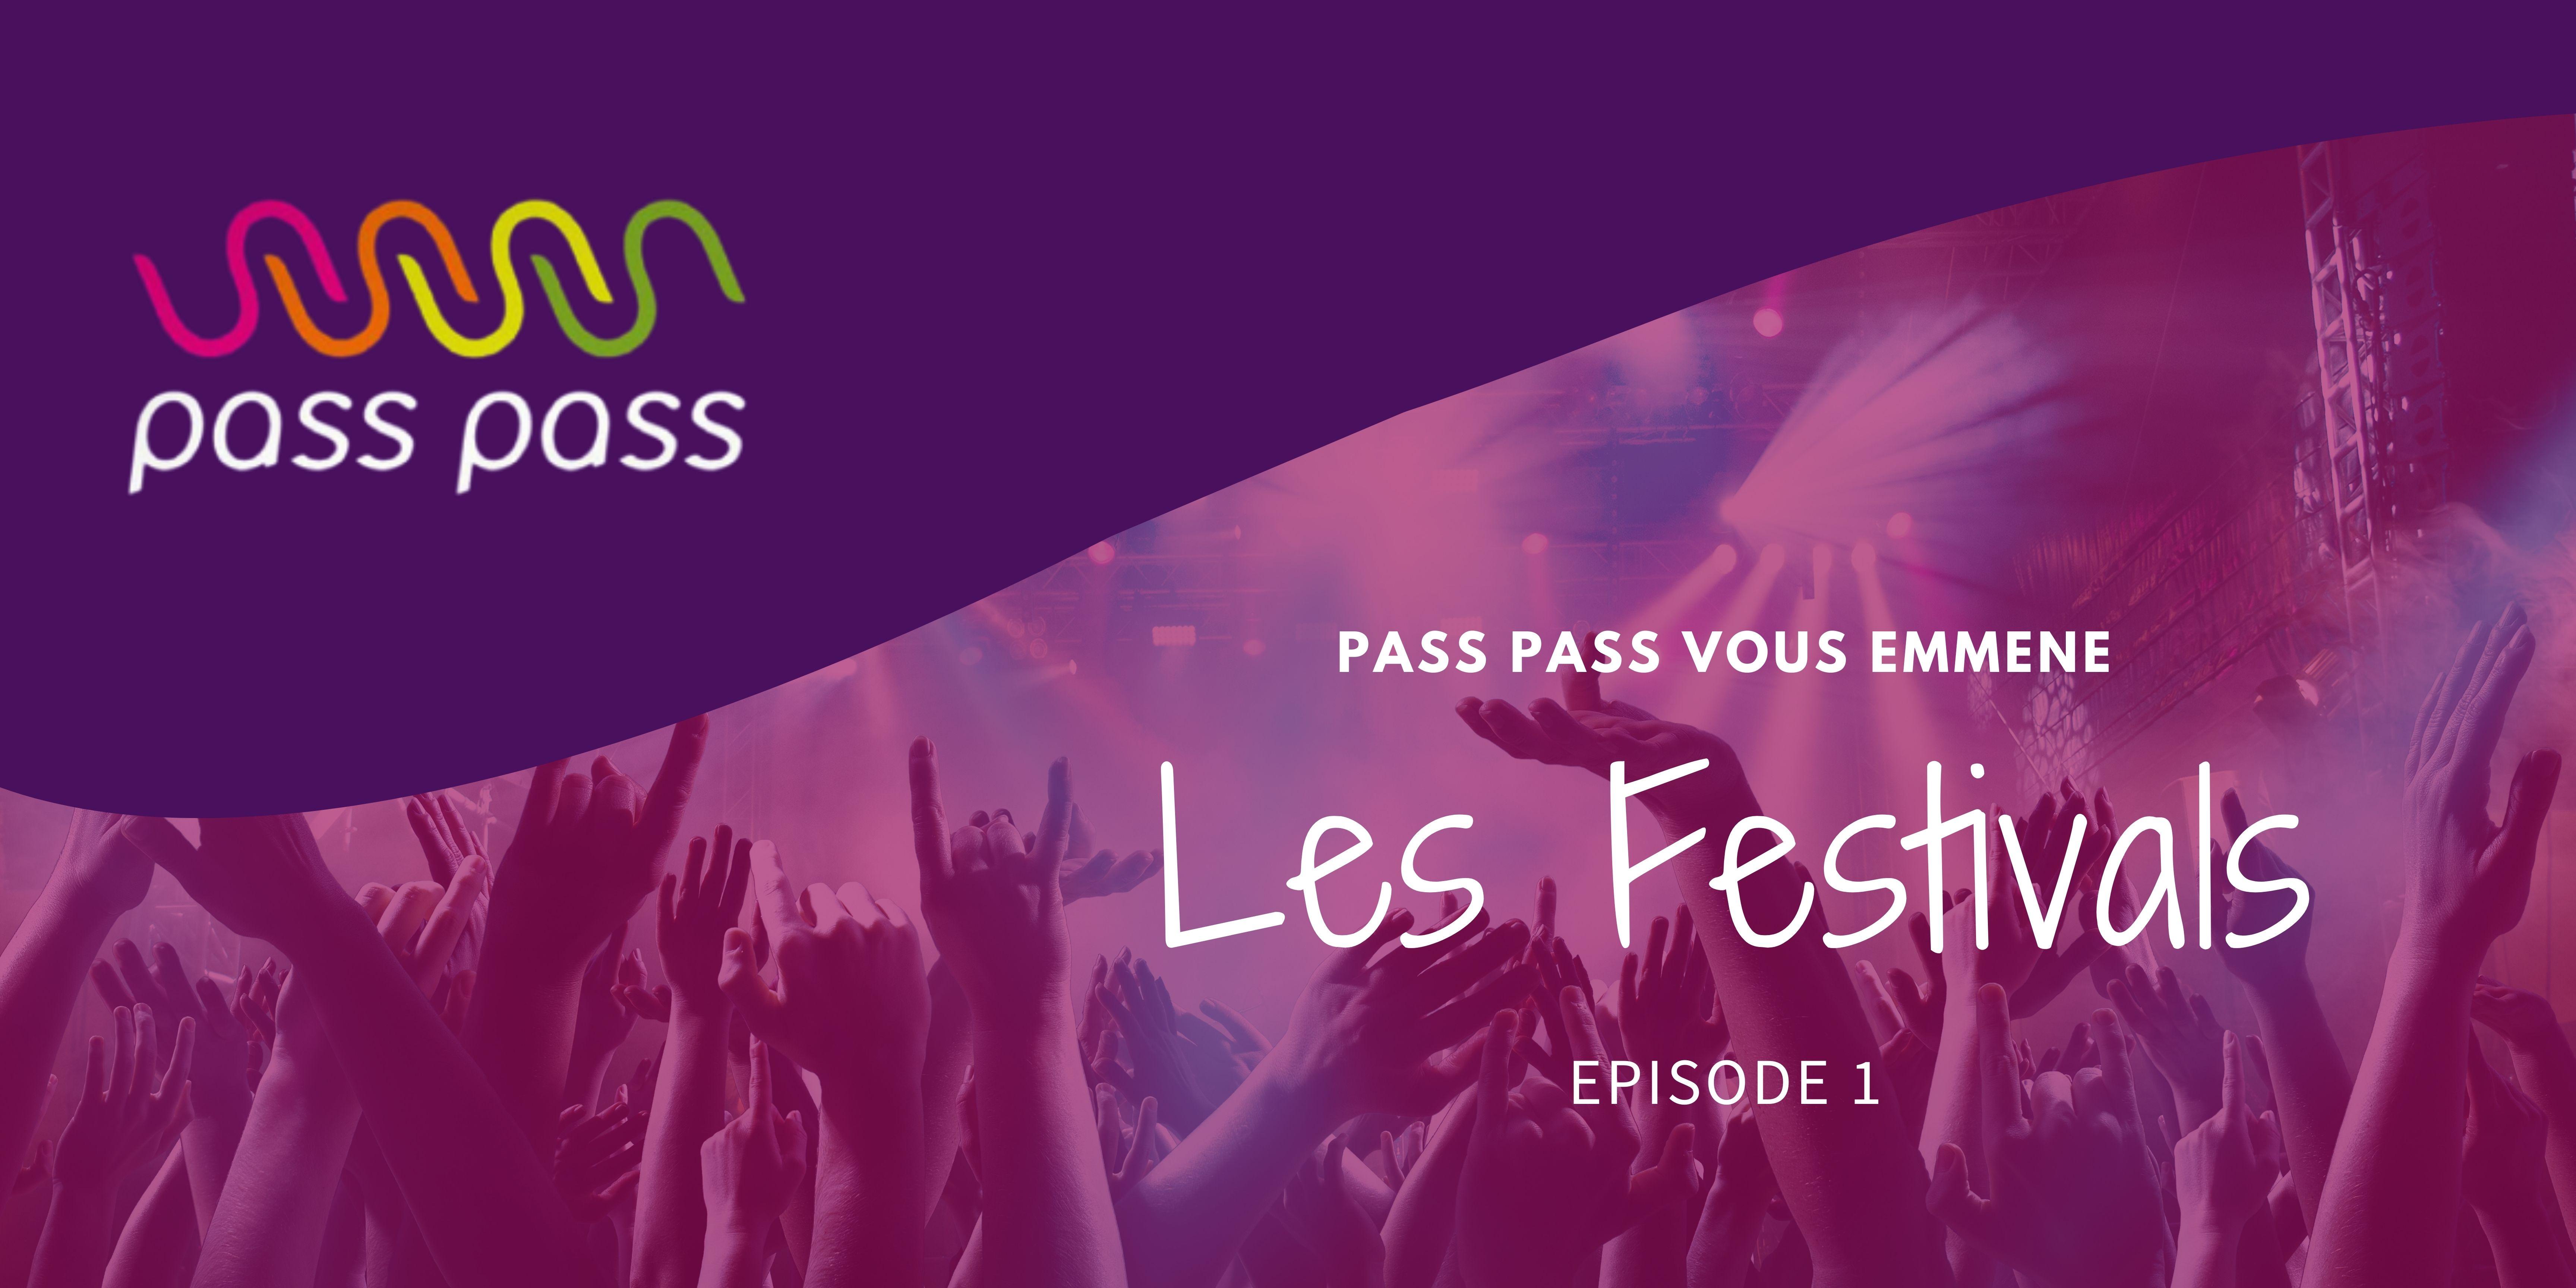 Lire l'article sur Pass Pass vous emmène : Episode 1